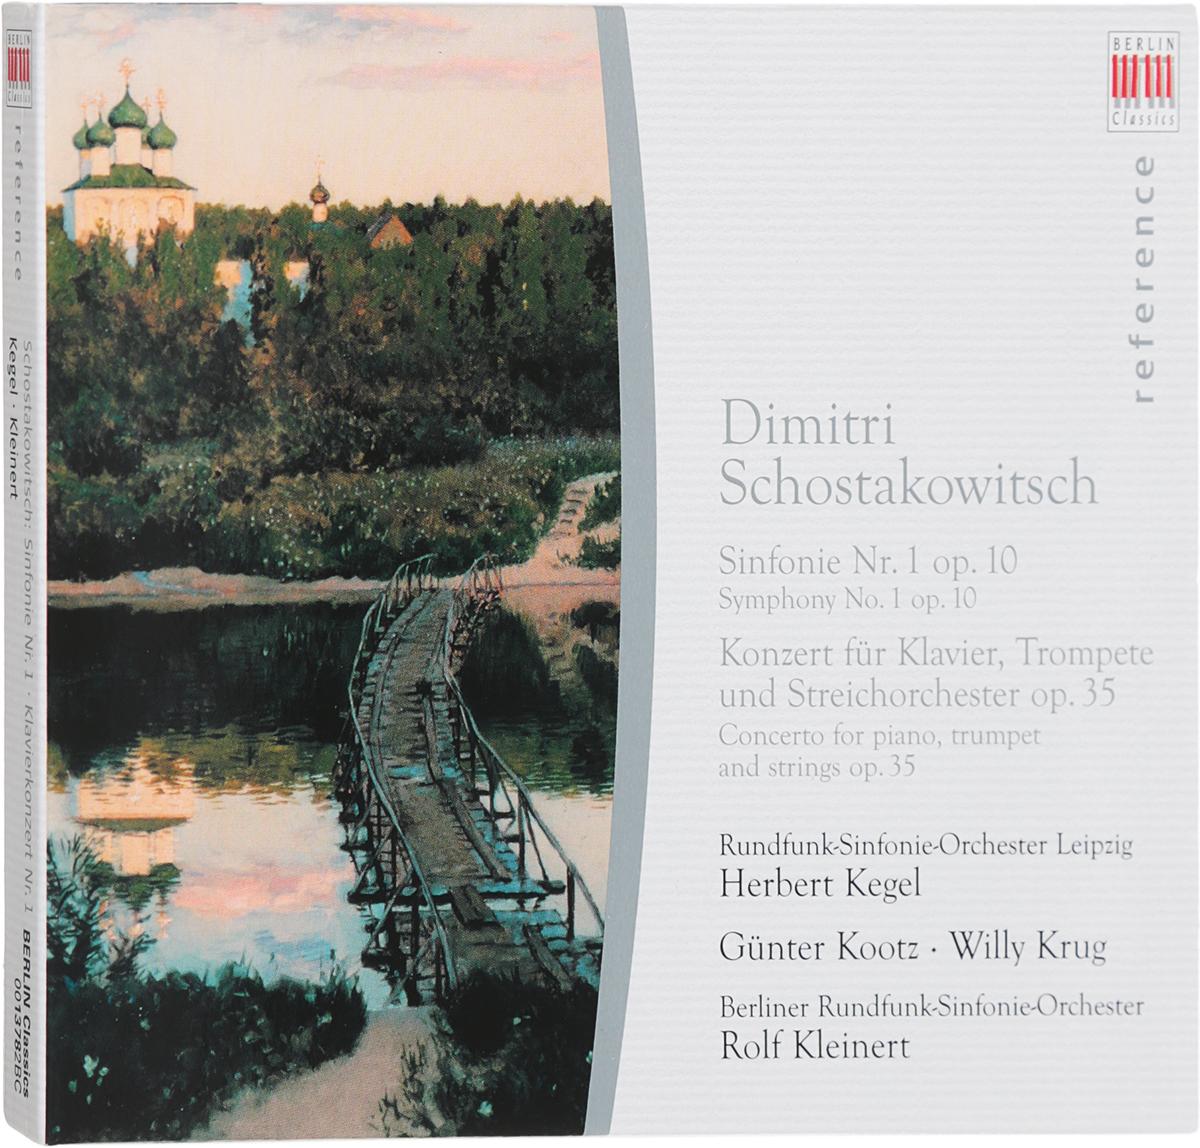 Rundfunk-Sinfonie-Orchester Leipzig,Berliner Rundfunk-Symphonie-Orchester Dimitri Schostakowitsch. Sinfonie Nr.1 op. 10 / Konzert Fur Klavier, Trompete und Streichorchester op. 35 цена и фото